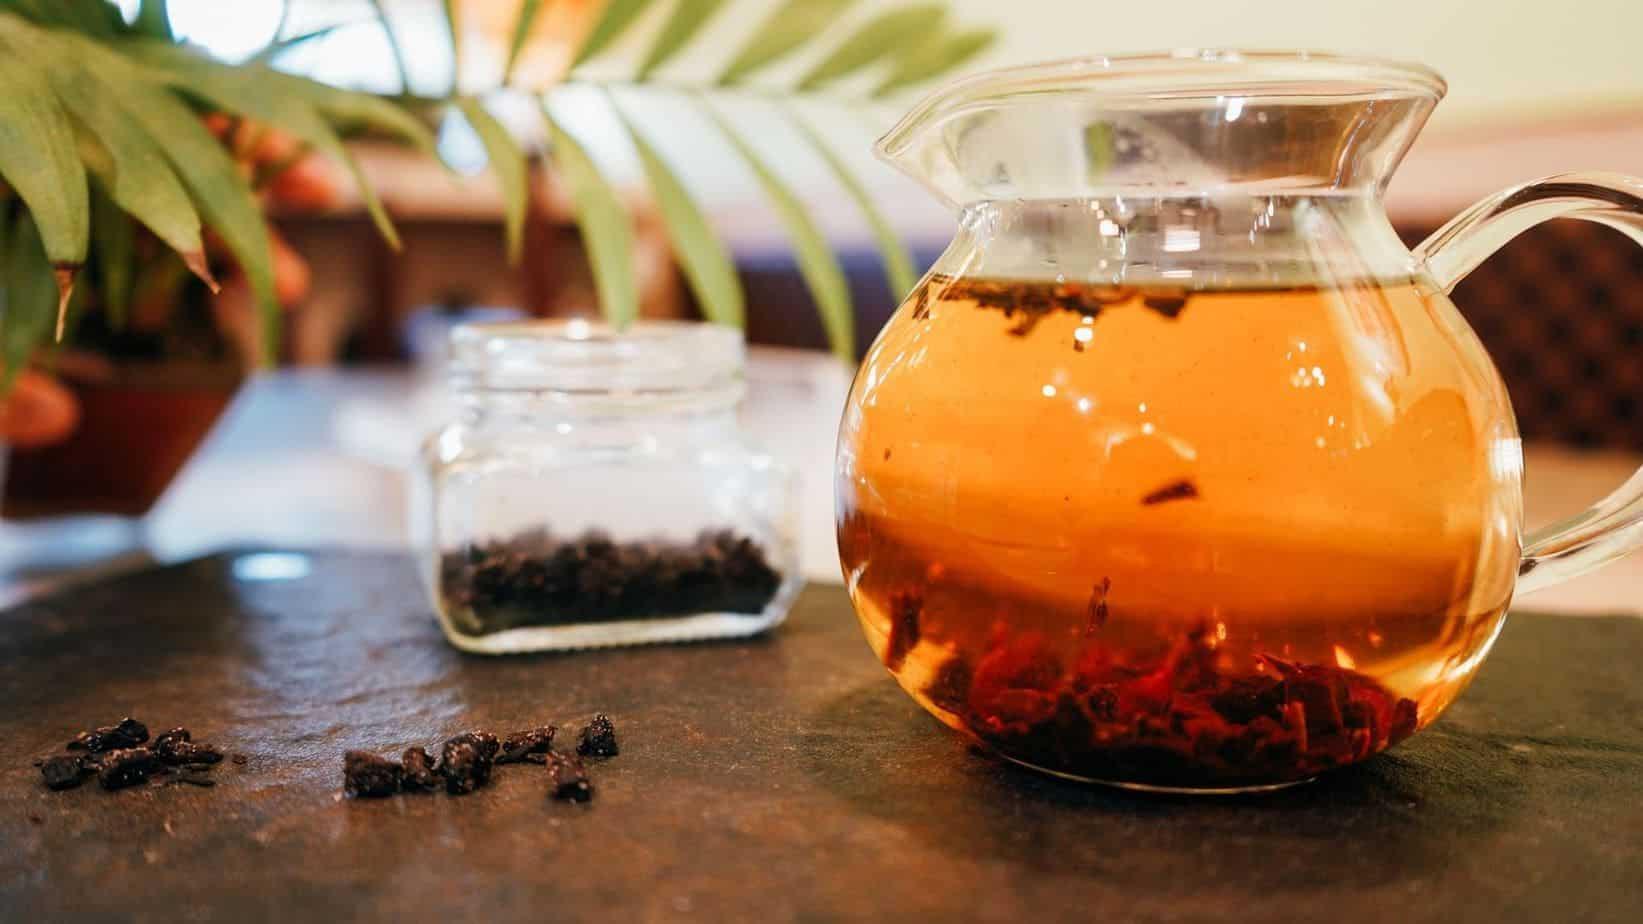 十八逗 老菜脯也可以當作茶葉泡來喝喲